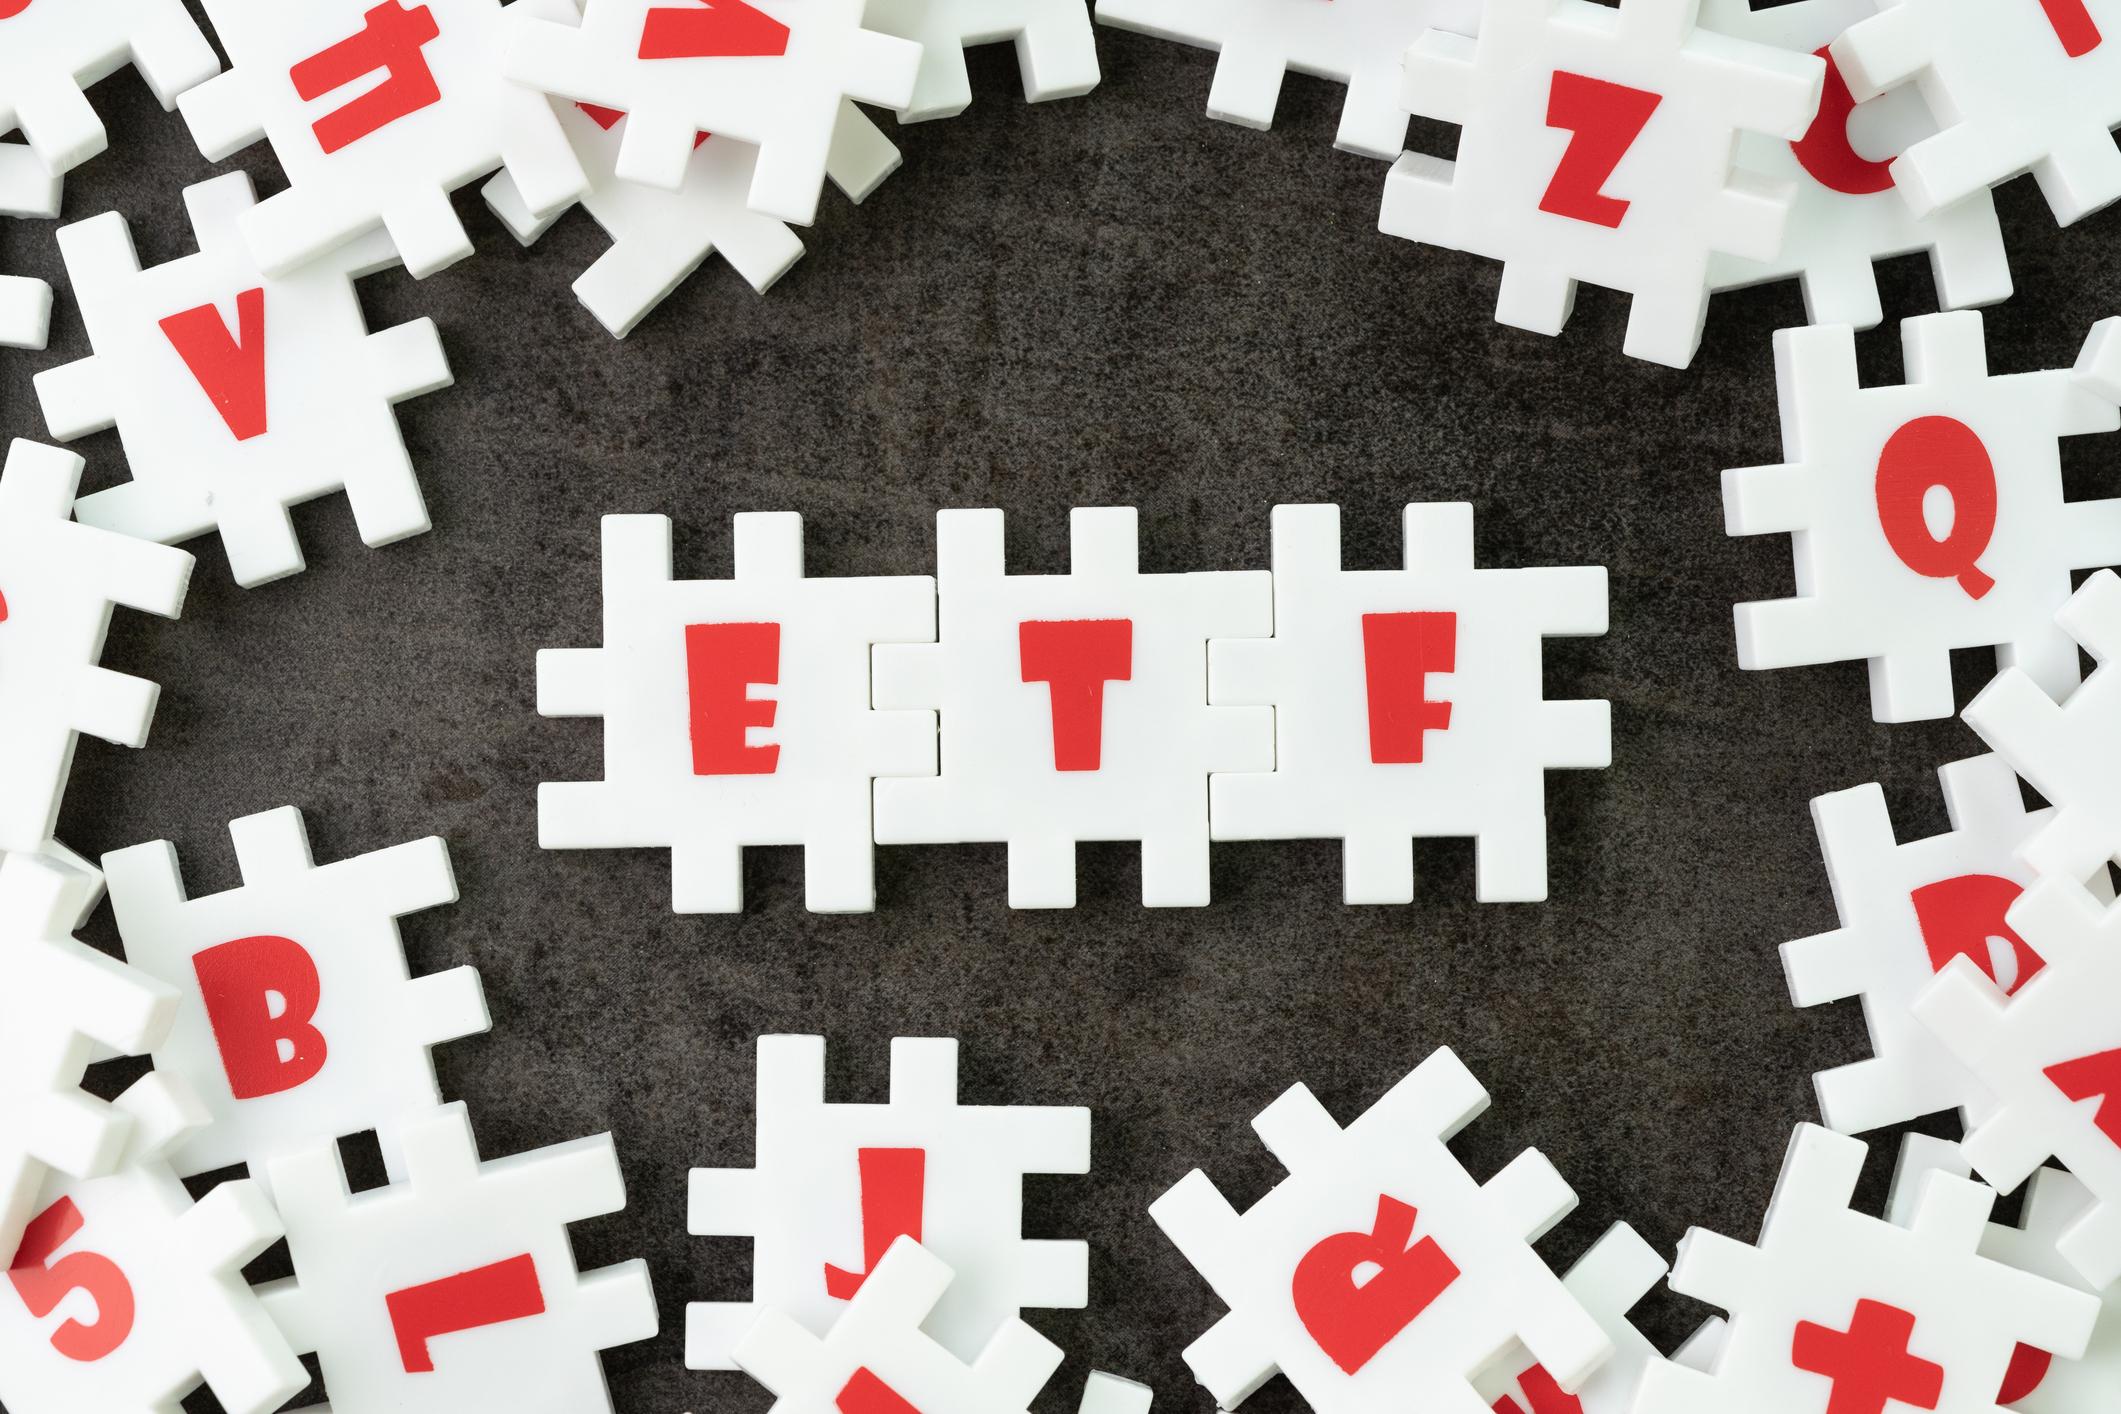 ETF letters